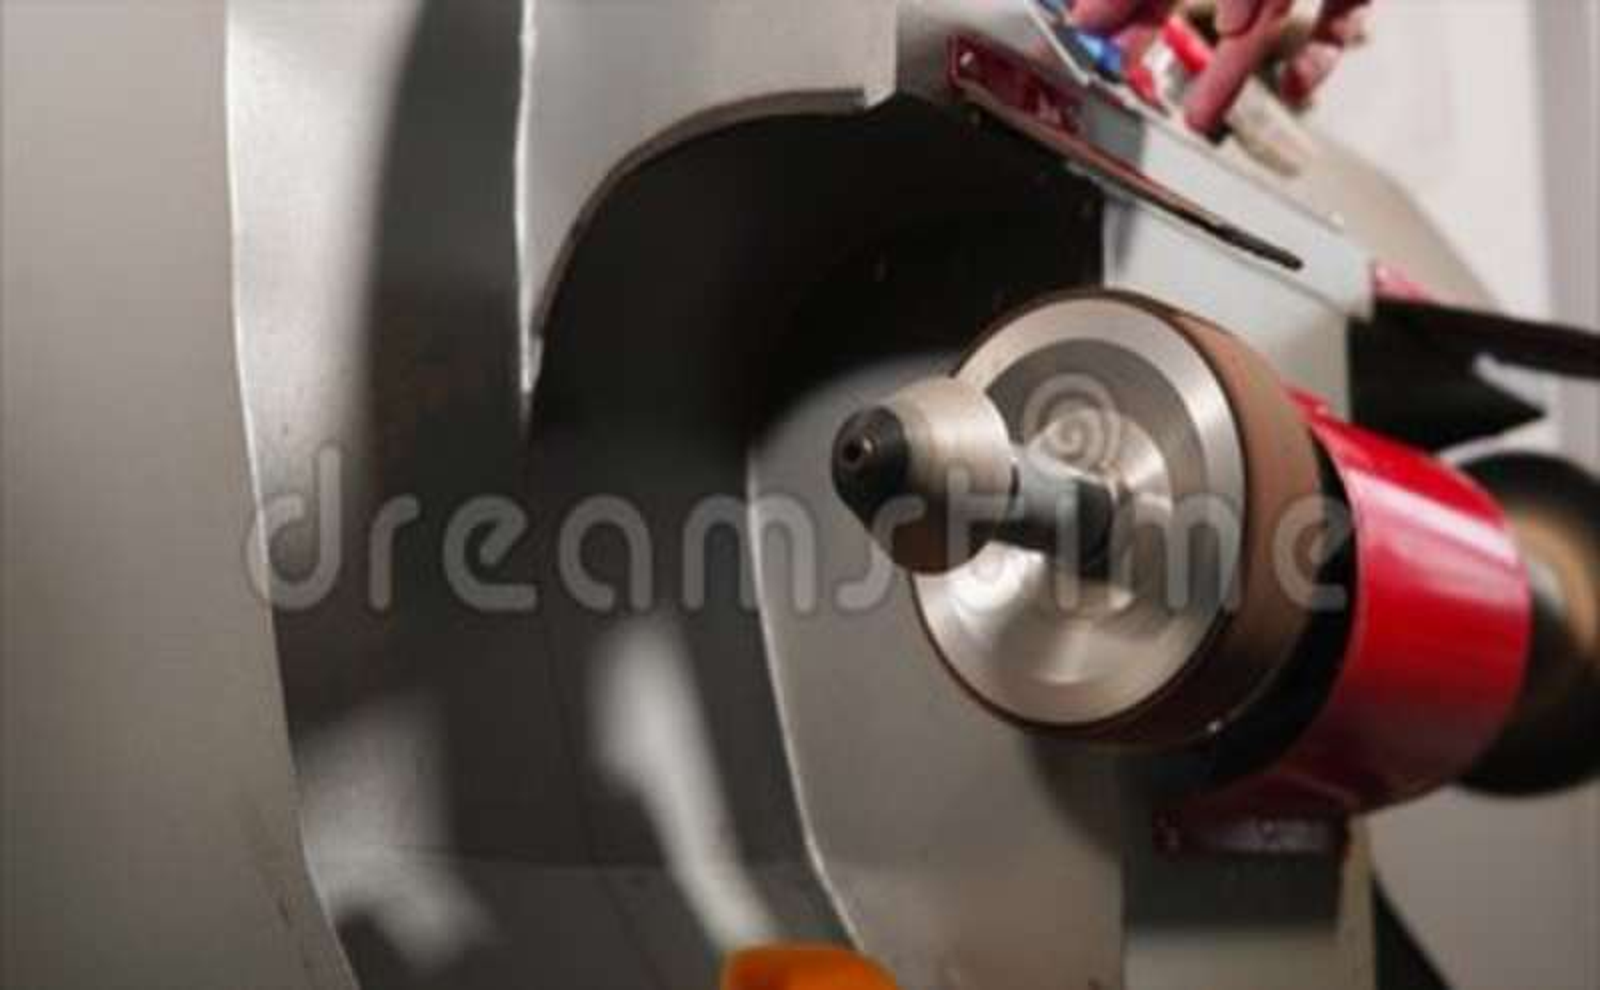 79eace117b Levigatrice Funzionante Su Una Fabbricazione Della Pelletteria Stock  Footage - Video di lavoro, sacchetto: 103015322